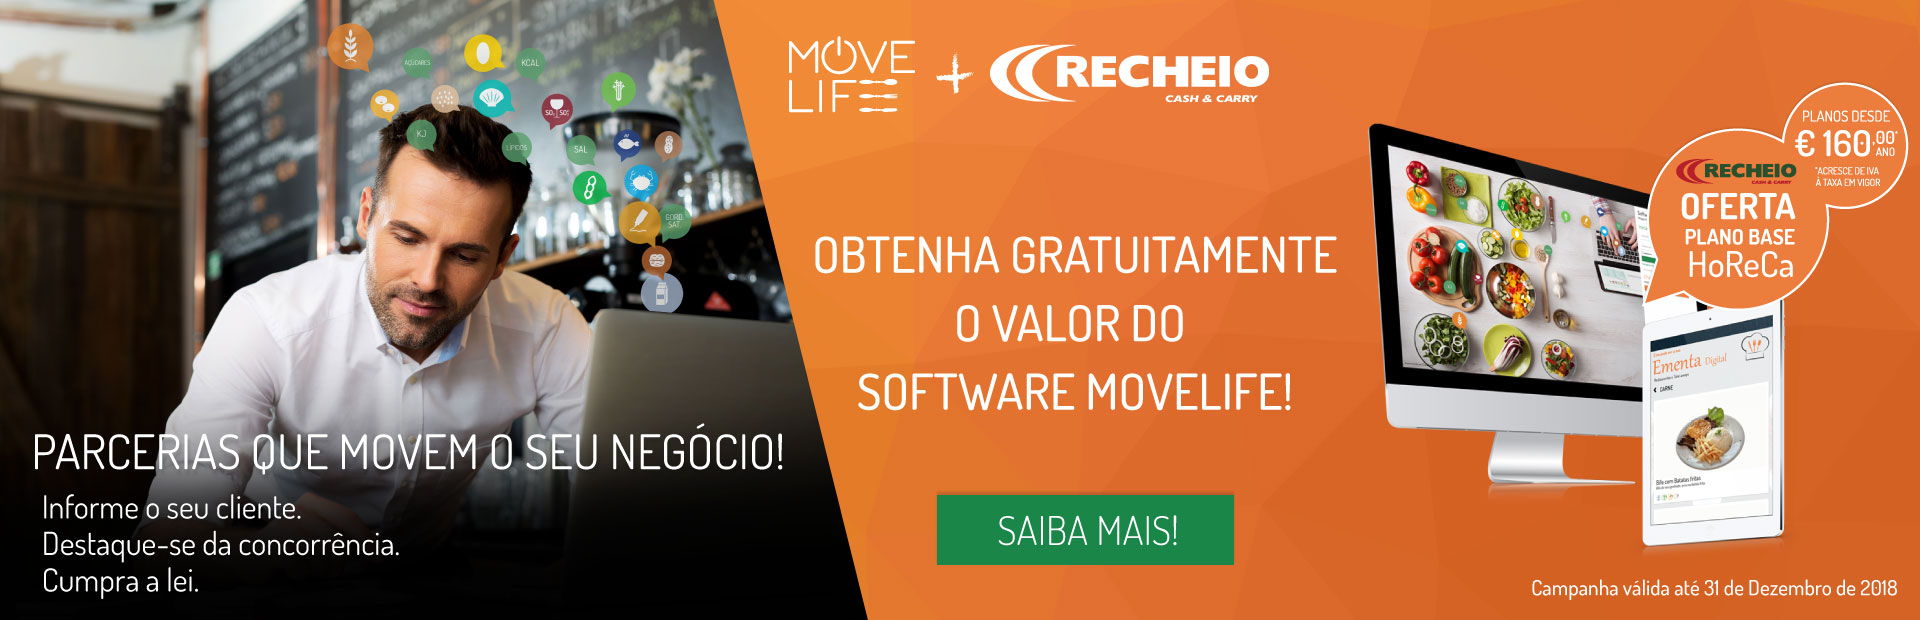 Movelife-Banner-Site-Recheio_final